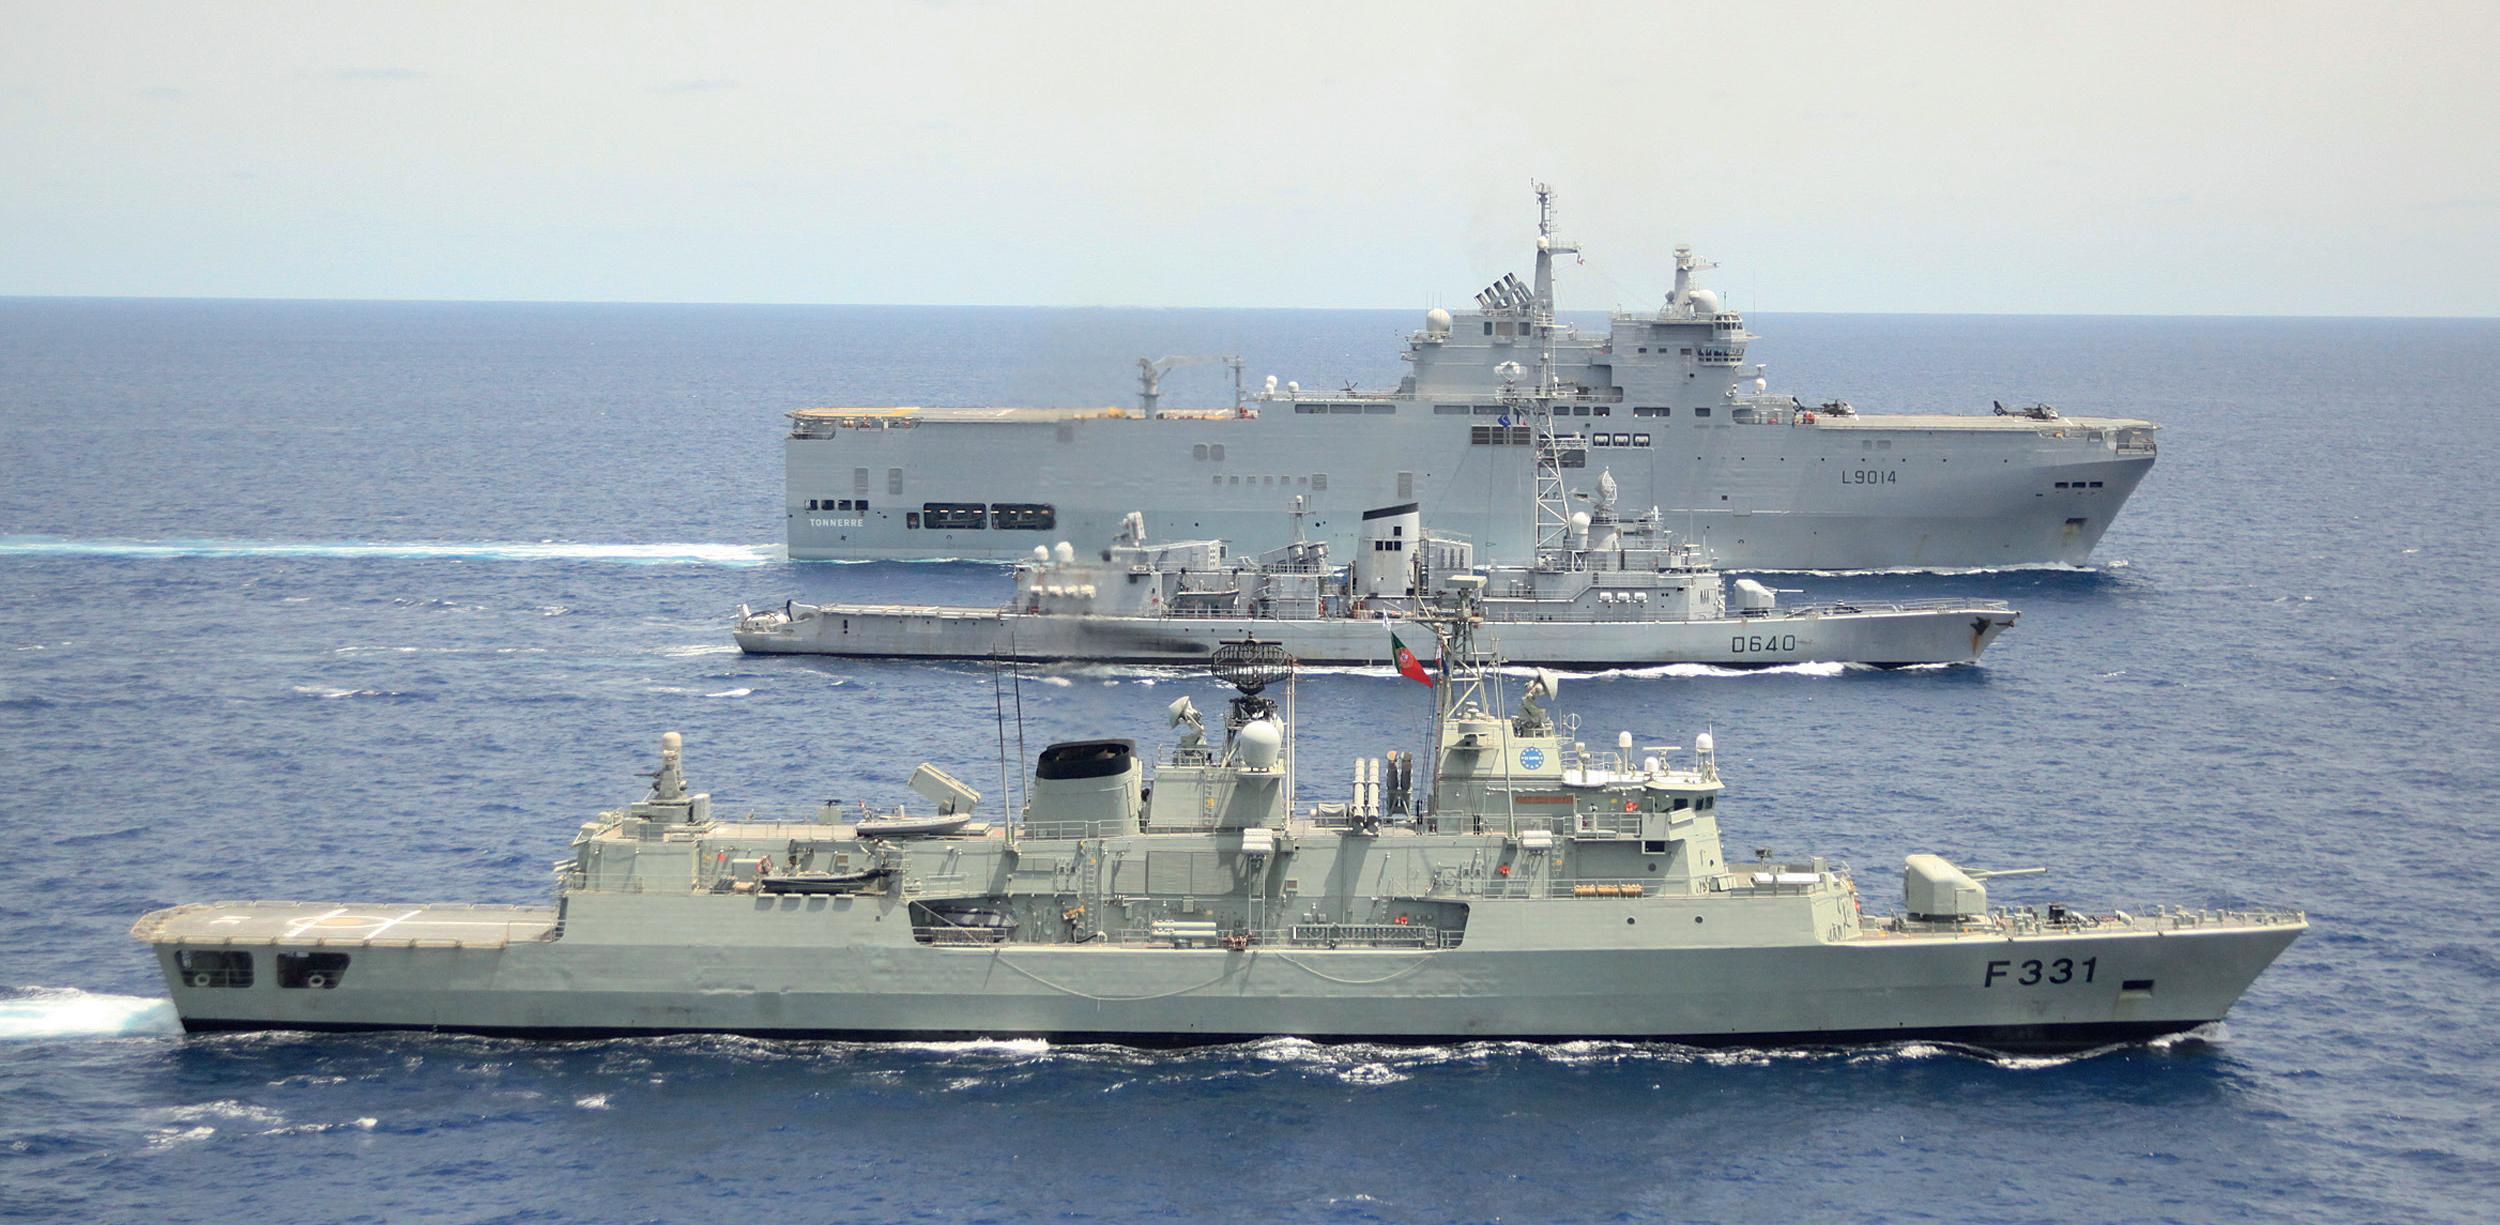 Unionin jäsenmaat ovat lähettäneet Somalian rannikolle raskaita sota-aluksia. Toukokuussa ranskalainen helikopterien tukialus ja hävittäjä kohtasivat Atalanta-operaation lippulaivan, portugalilaisen fregatin Alvares Cabralin (etualalla).